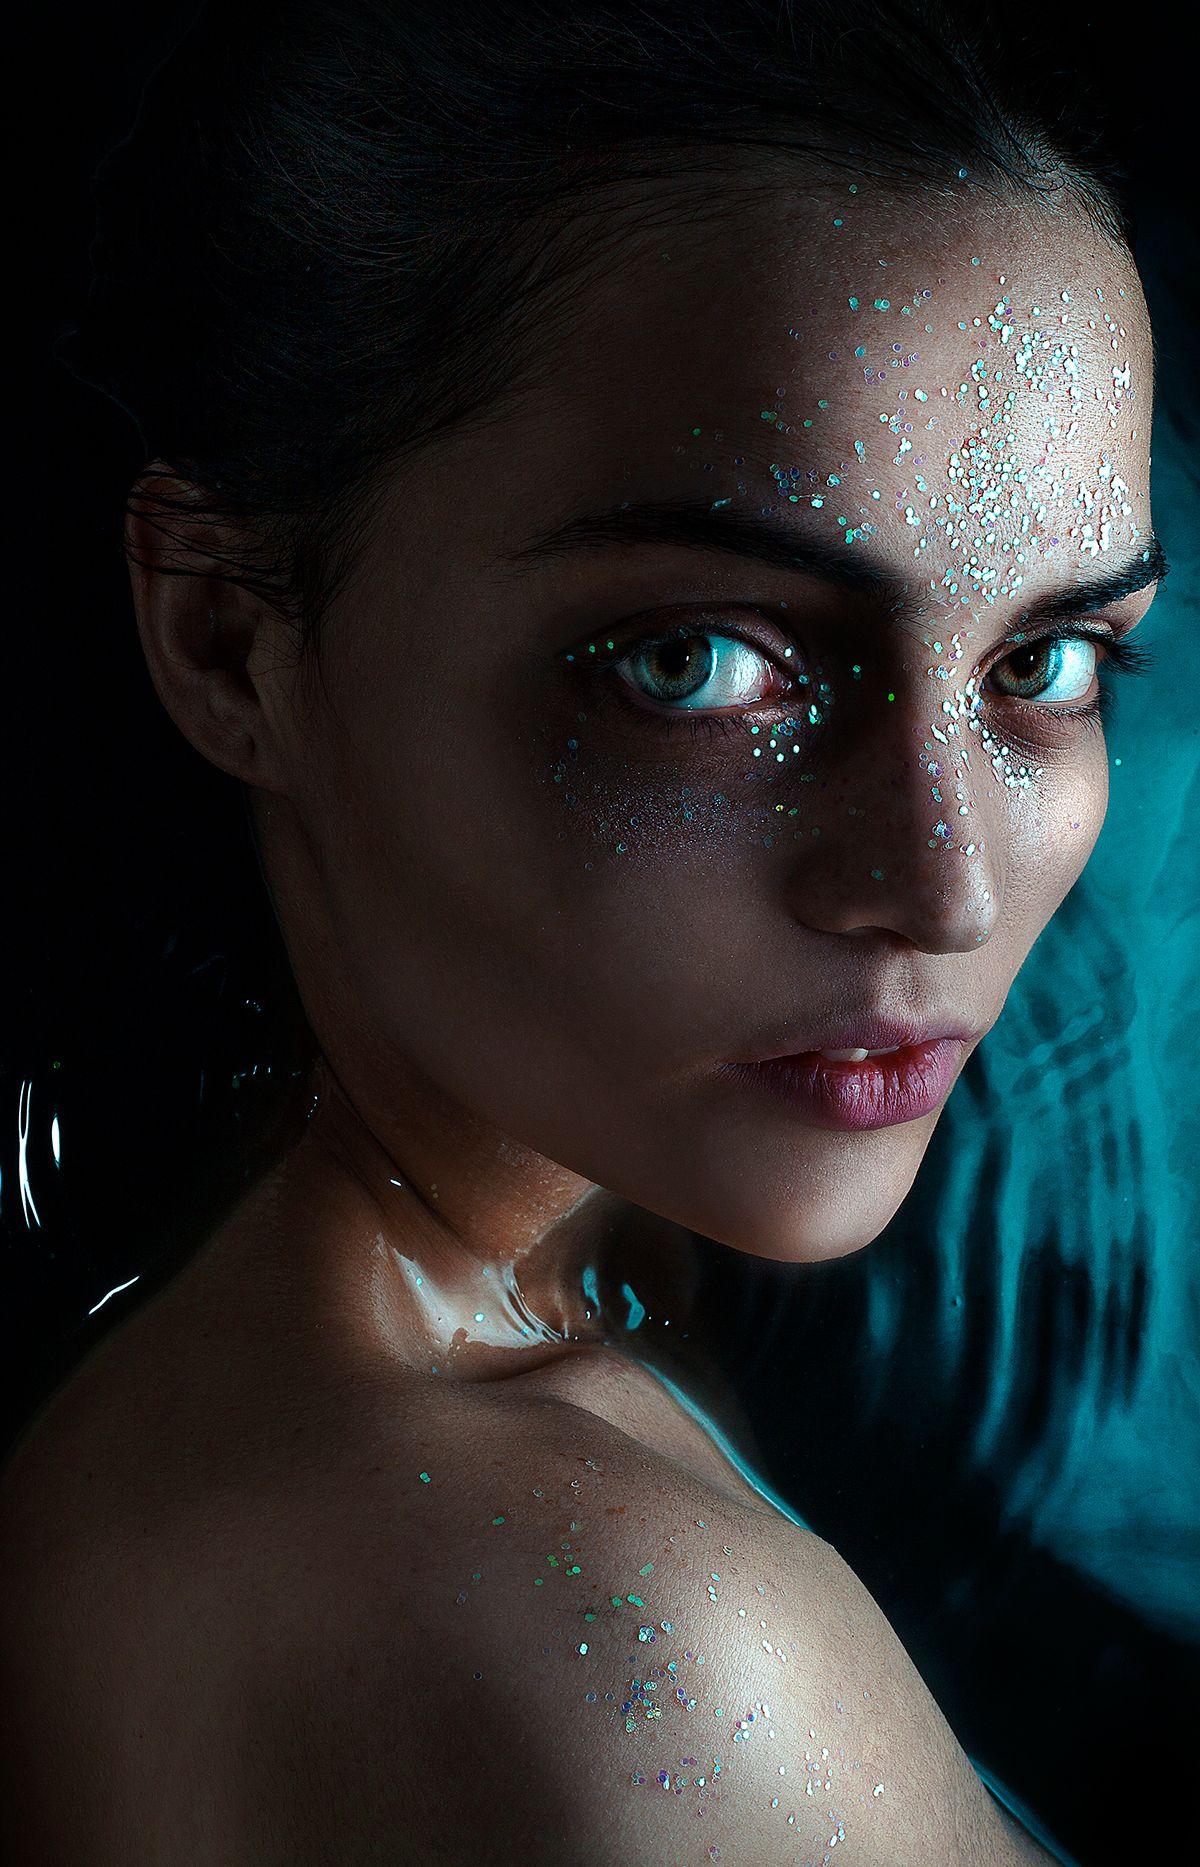 alien on Behance Halloween face makeup, Face makeup, Alien